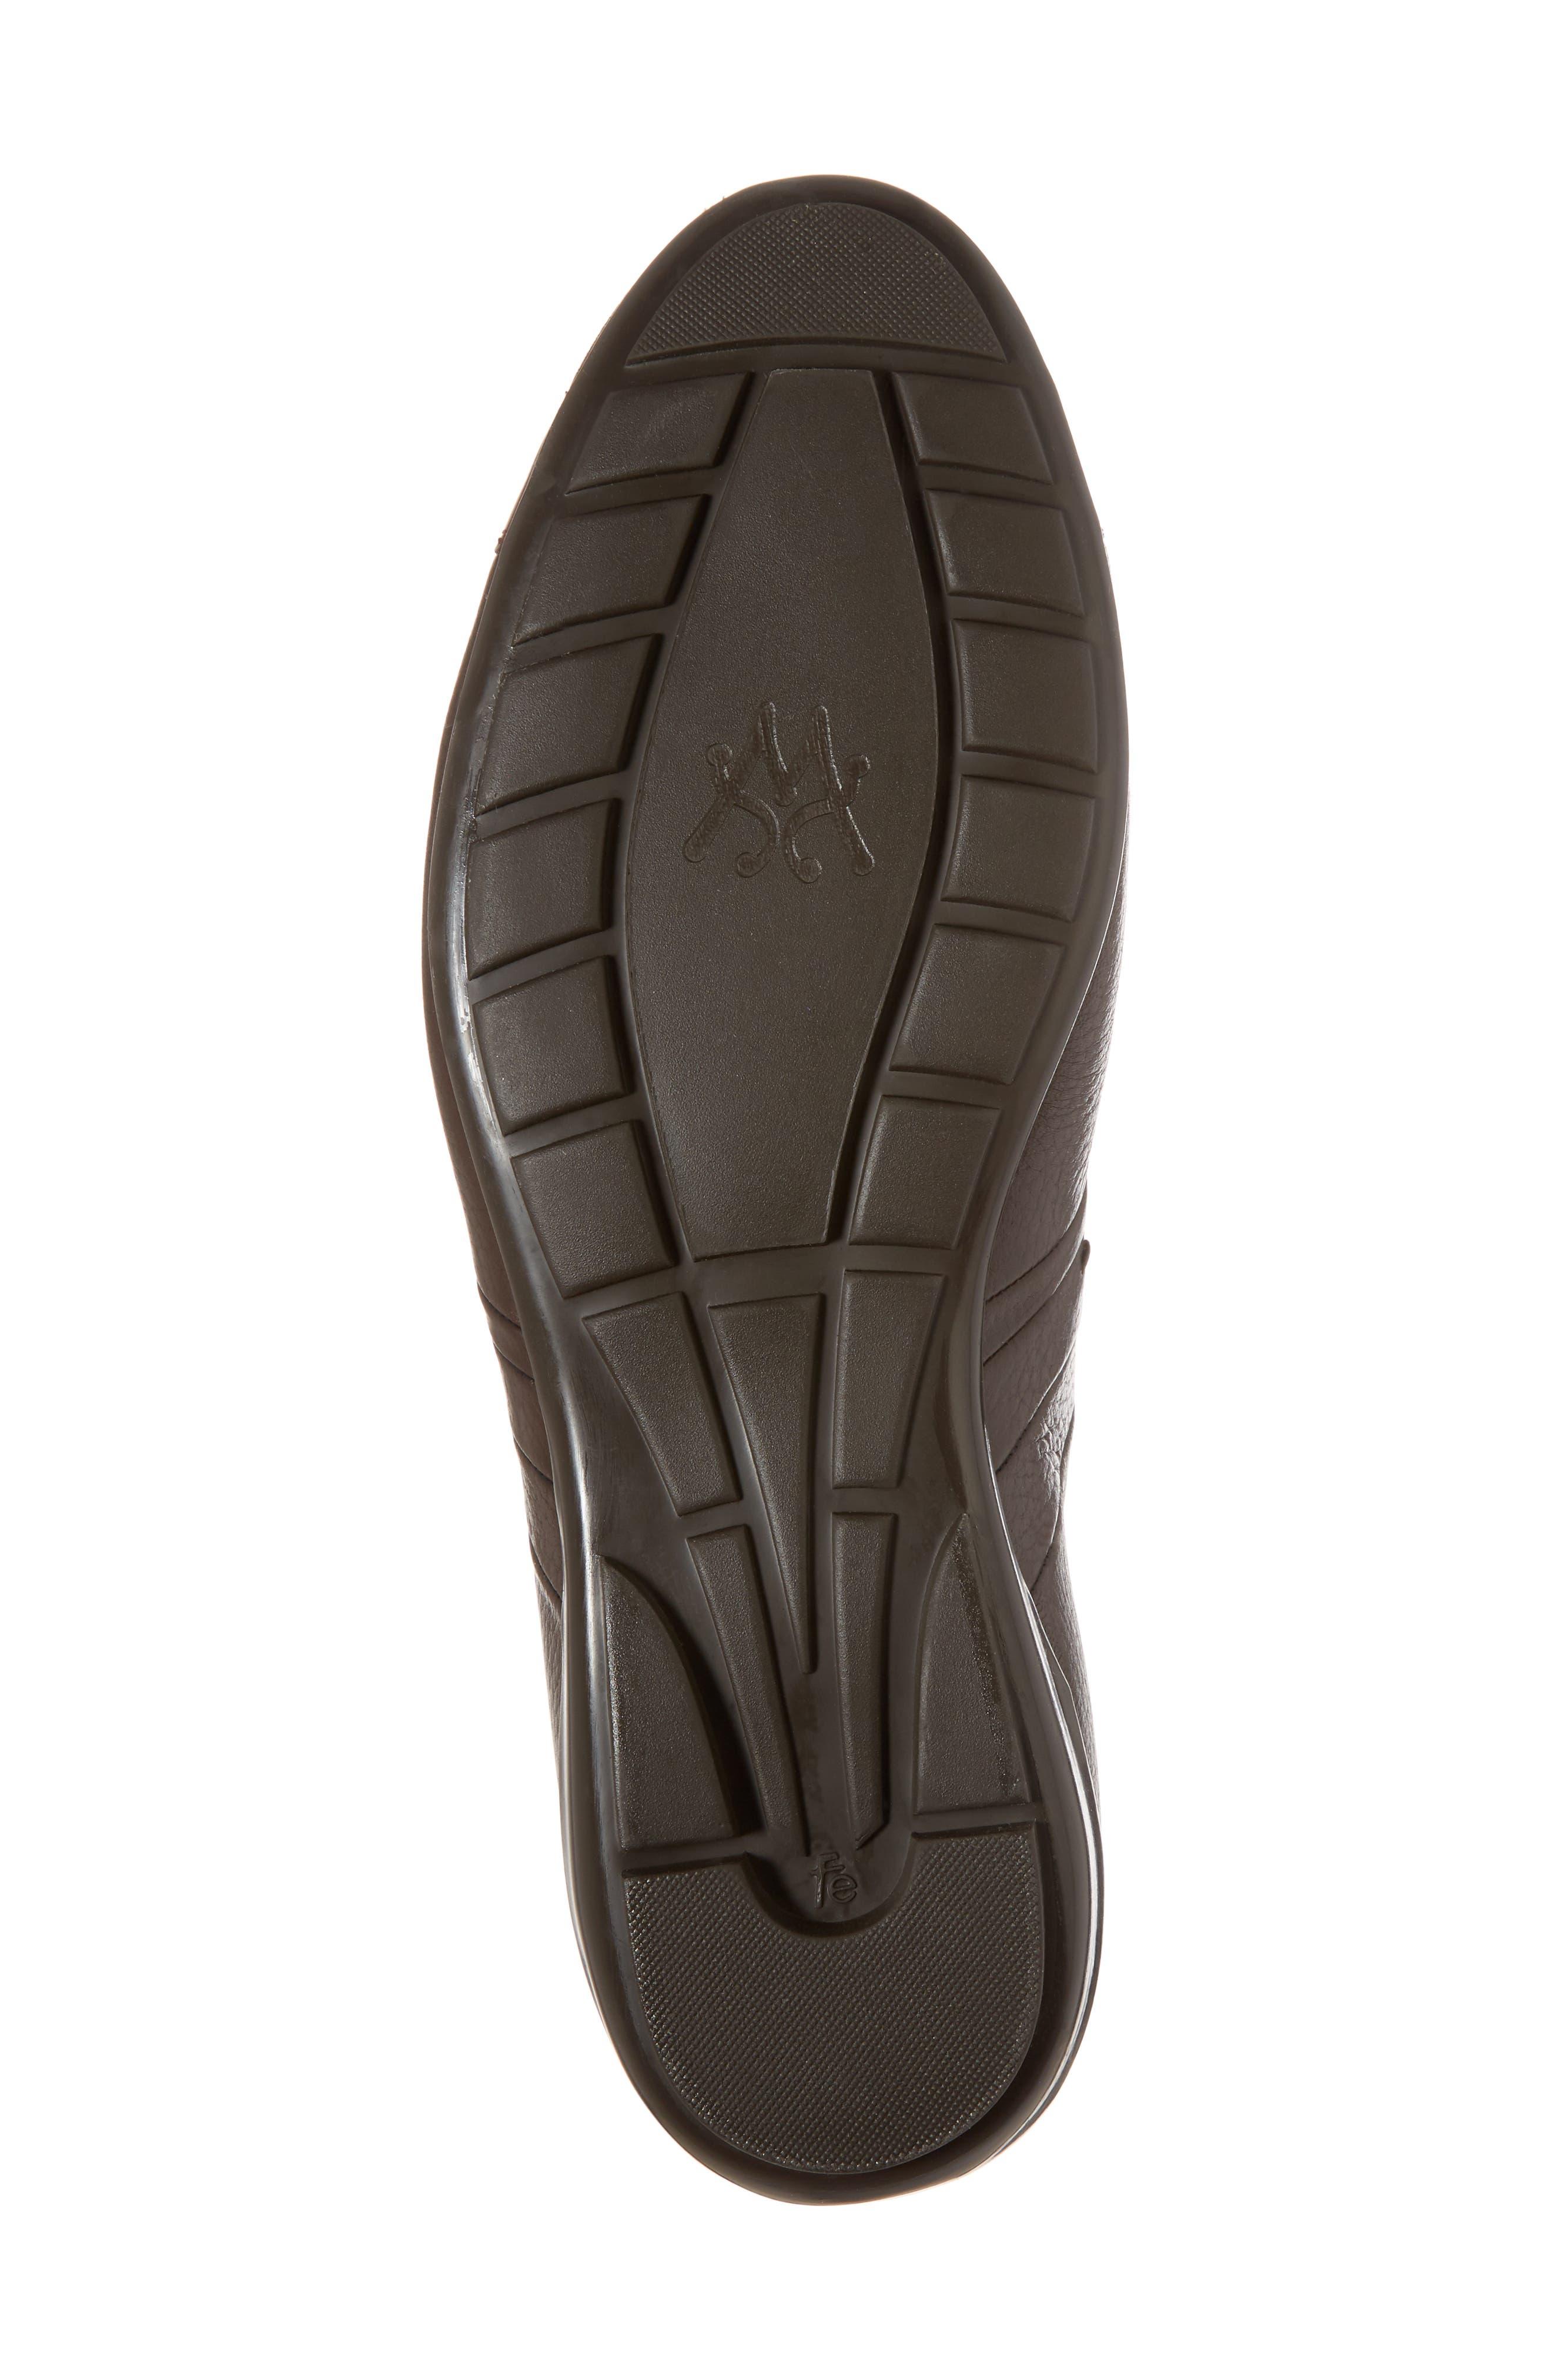 Tiberio Sneaker,                             Alternate thumbnail 6, color,                             Brown